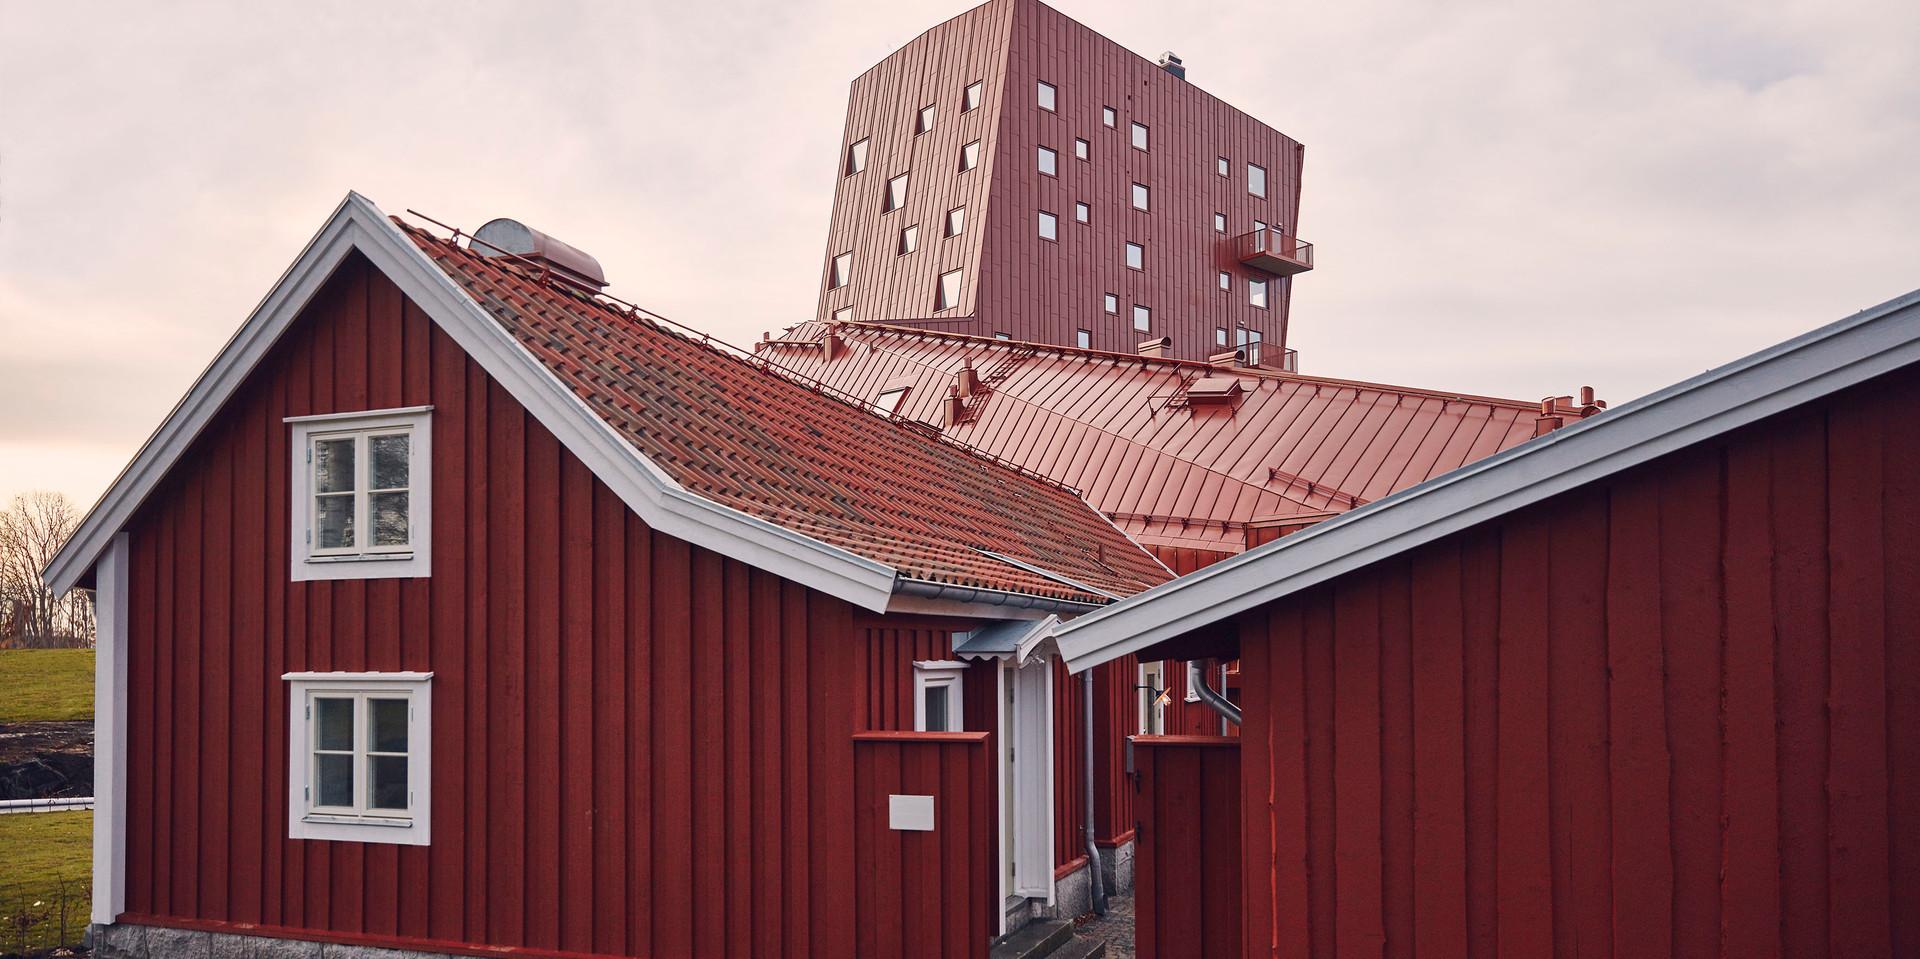 Foto: Ulf Celander